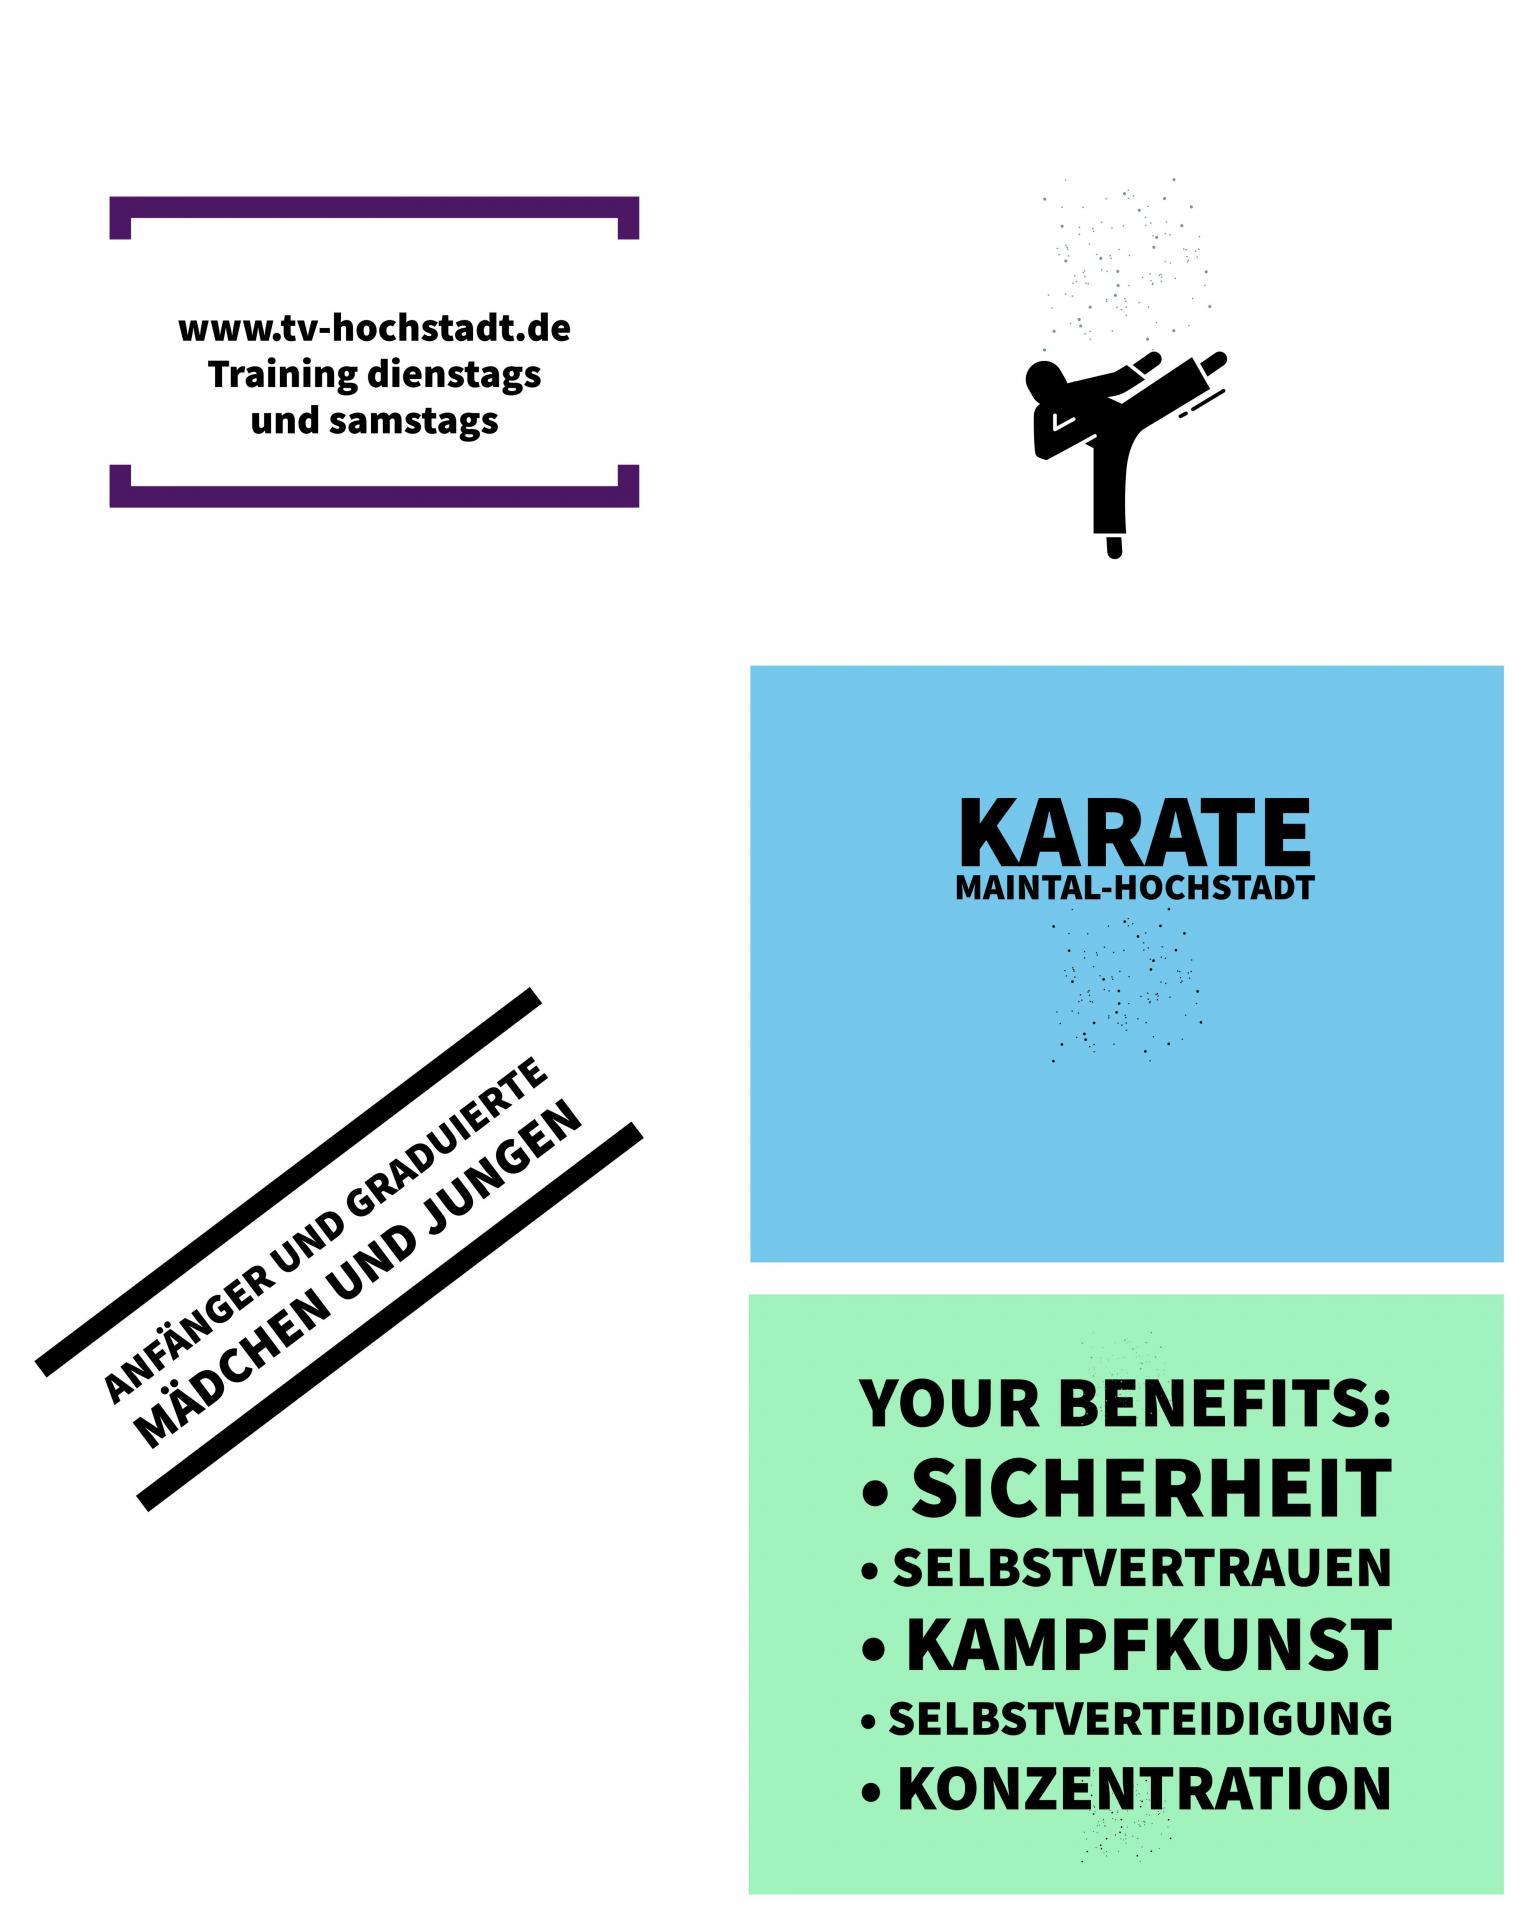 KarateFlyerneu